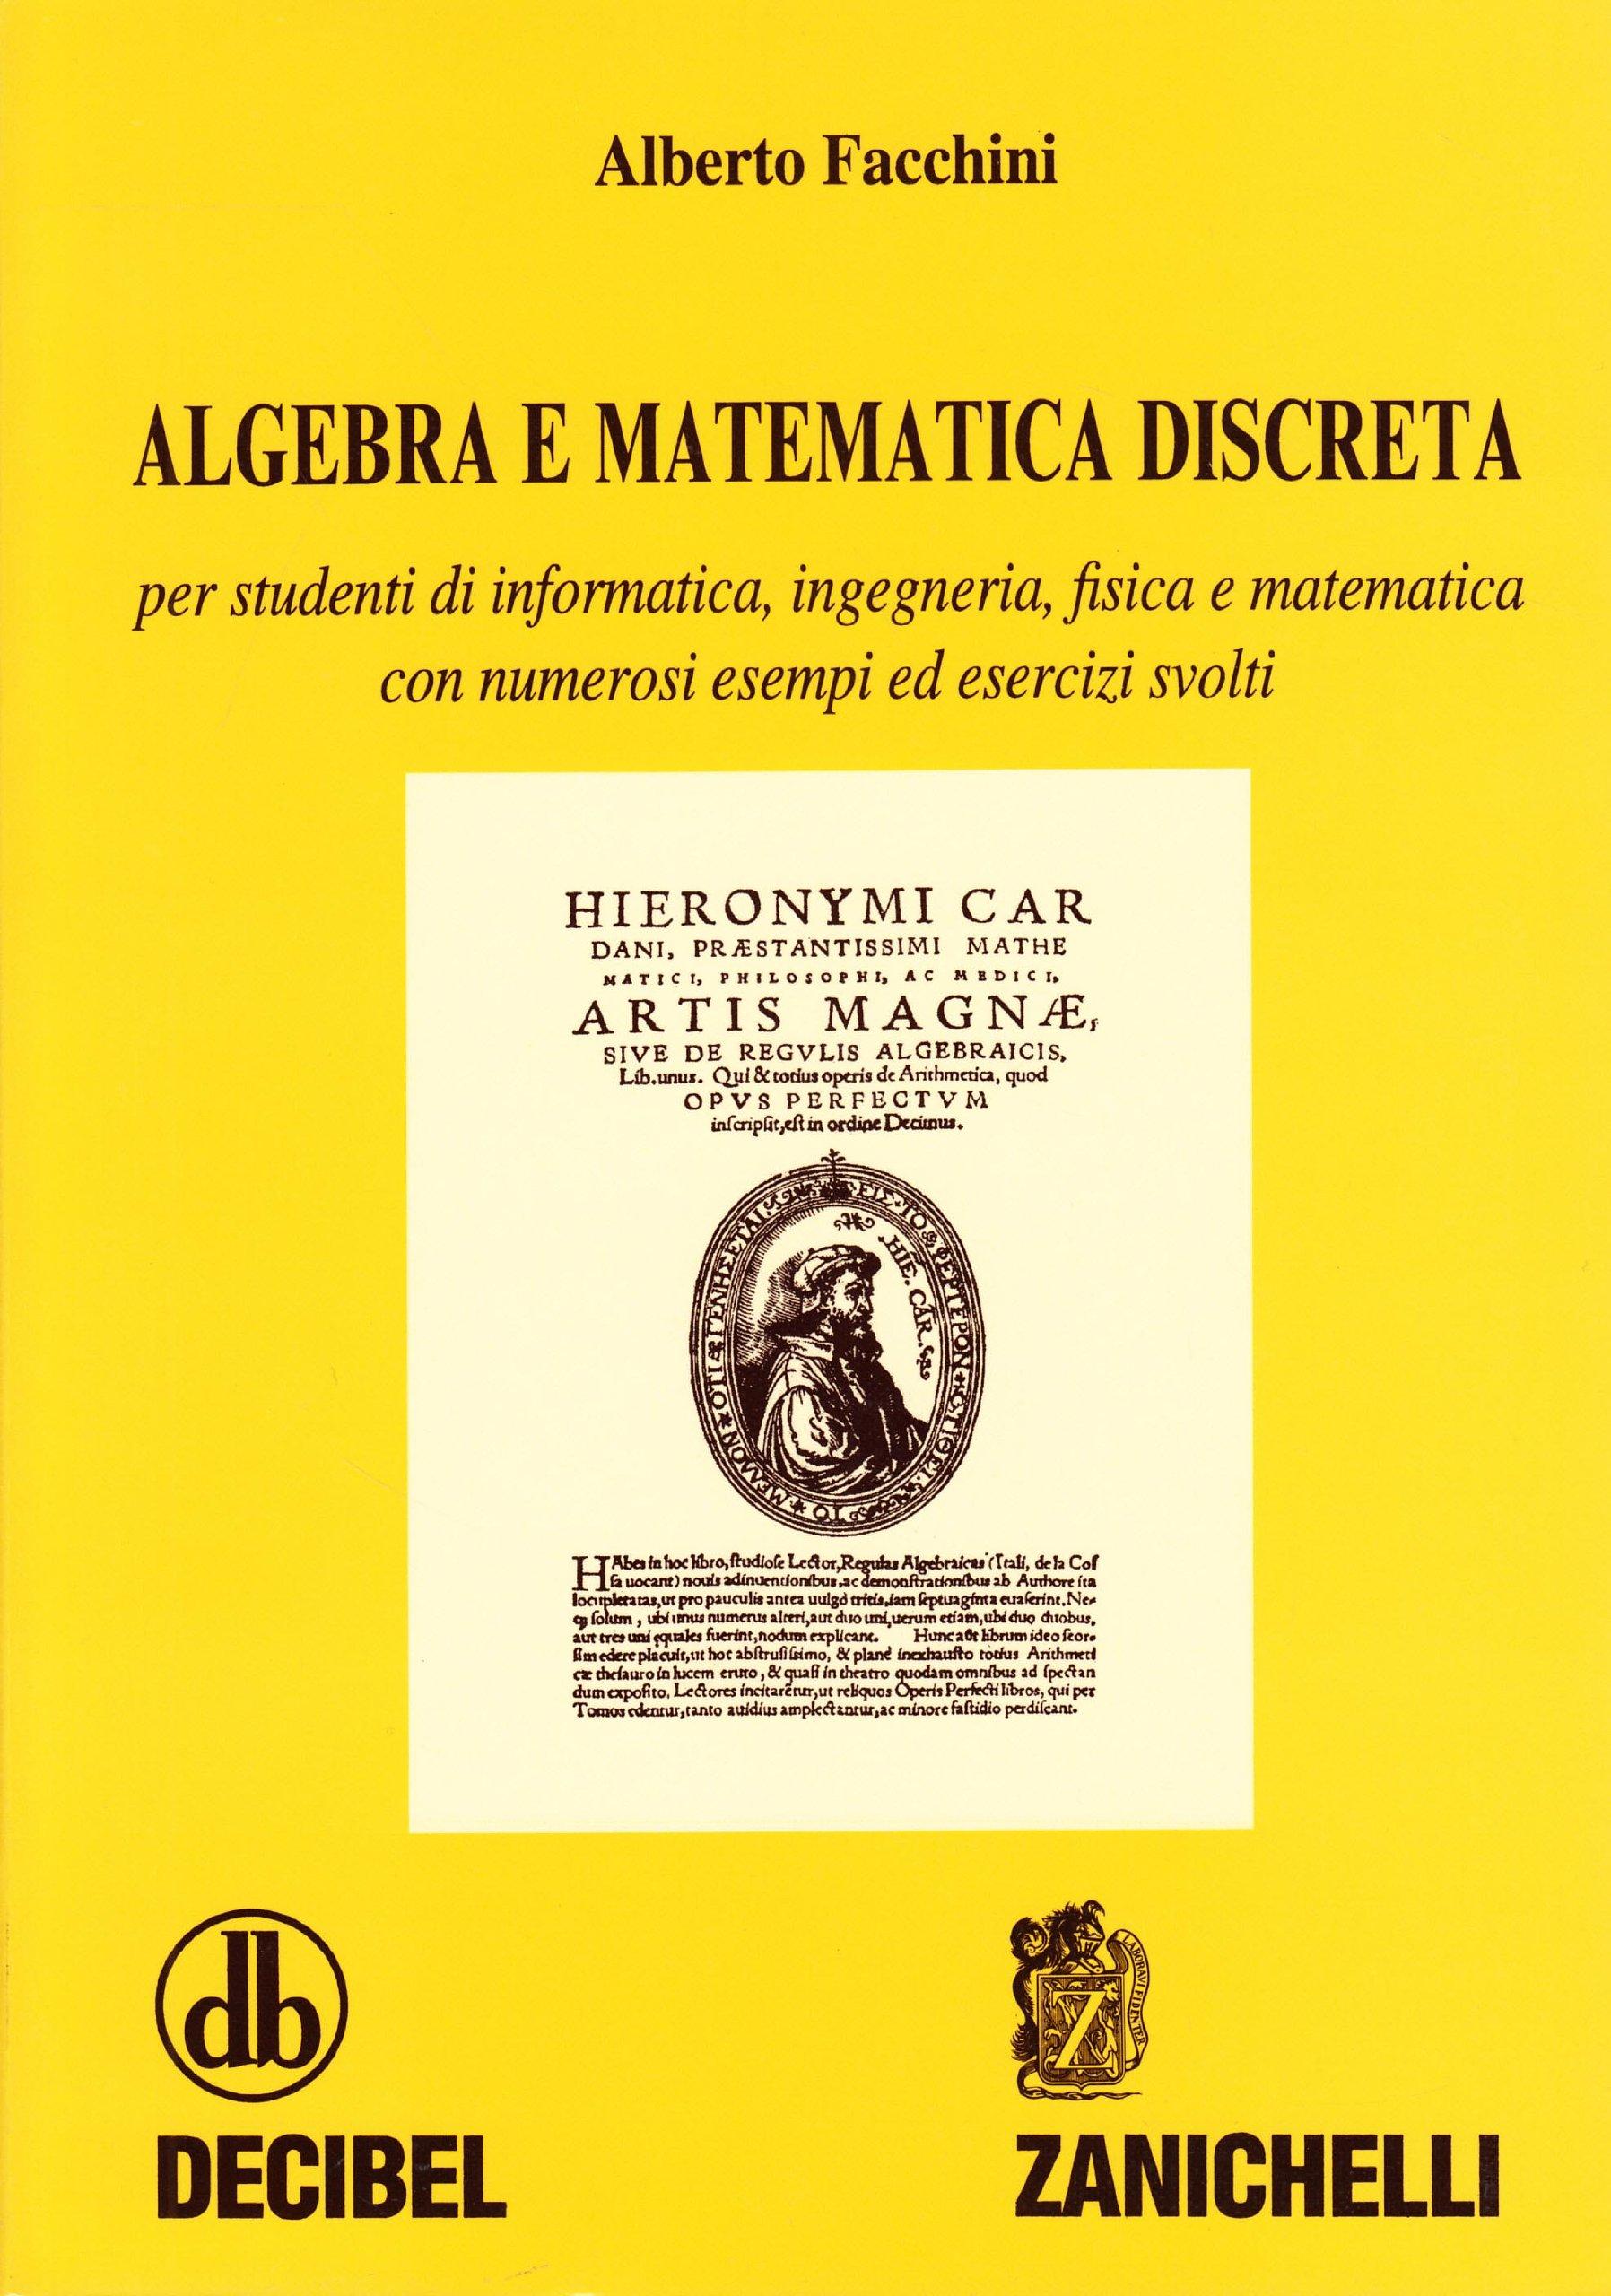 Algebra e matematica discreta facchini